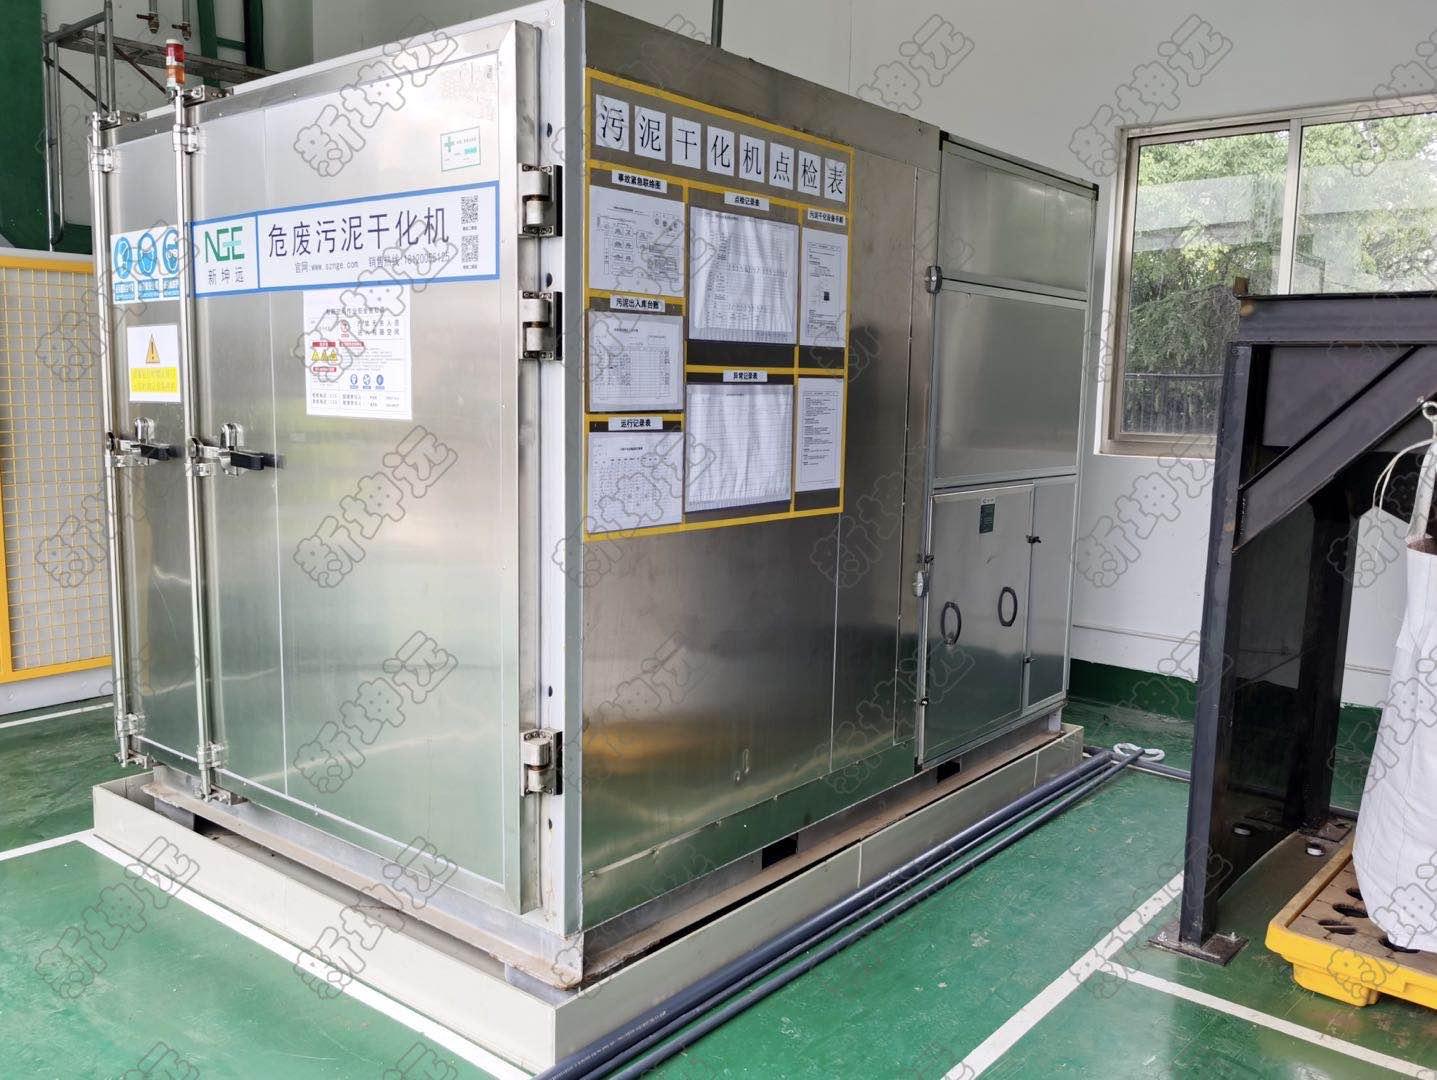 东机工汽车部件有限公司热博平台娱乐注册干化设备购买案例